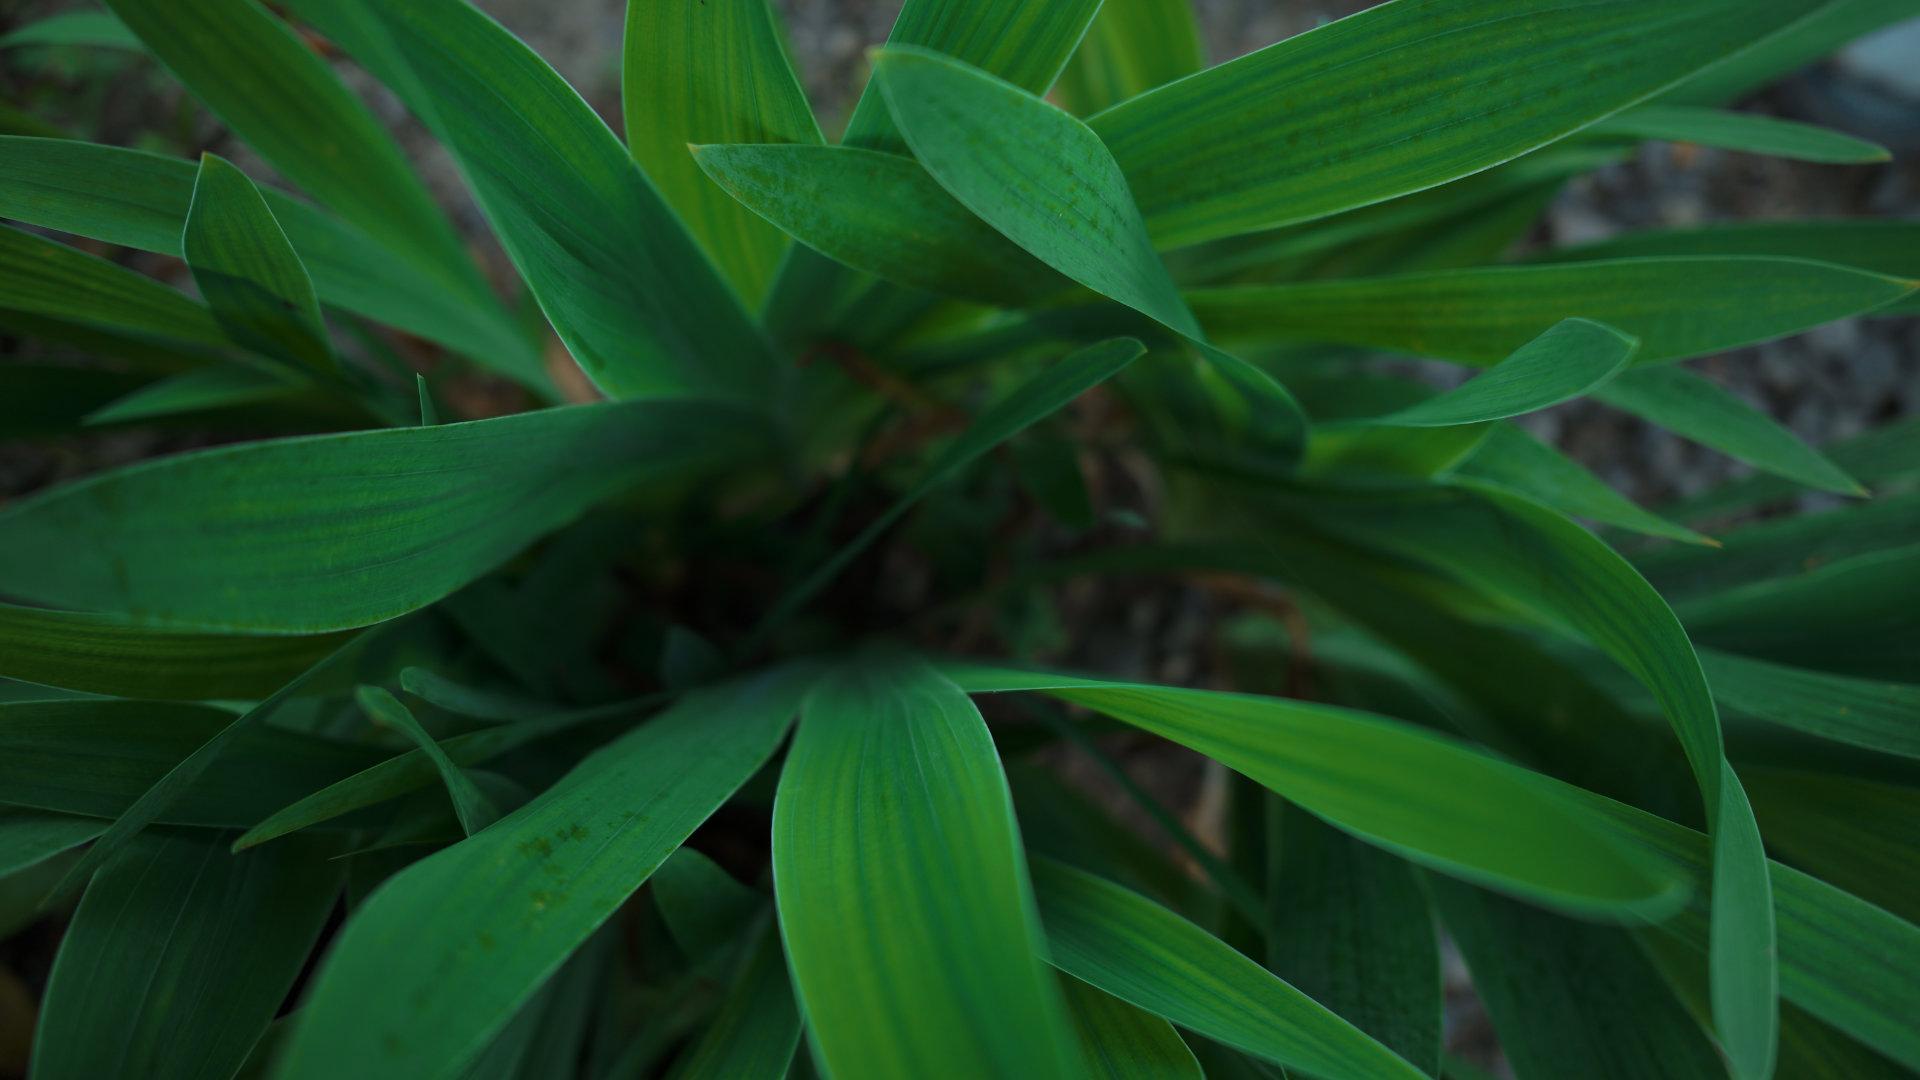 「庭先の緑」カラーモード「パウダーブルー」Camera : SIGMA fp Lens : Sigma 24mm F3.5 DG DN Contemporary